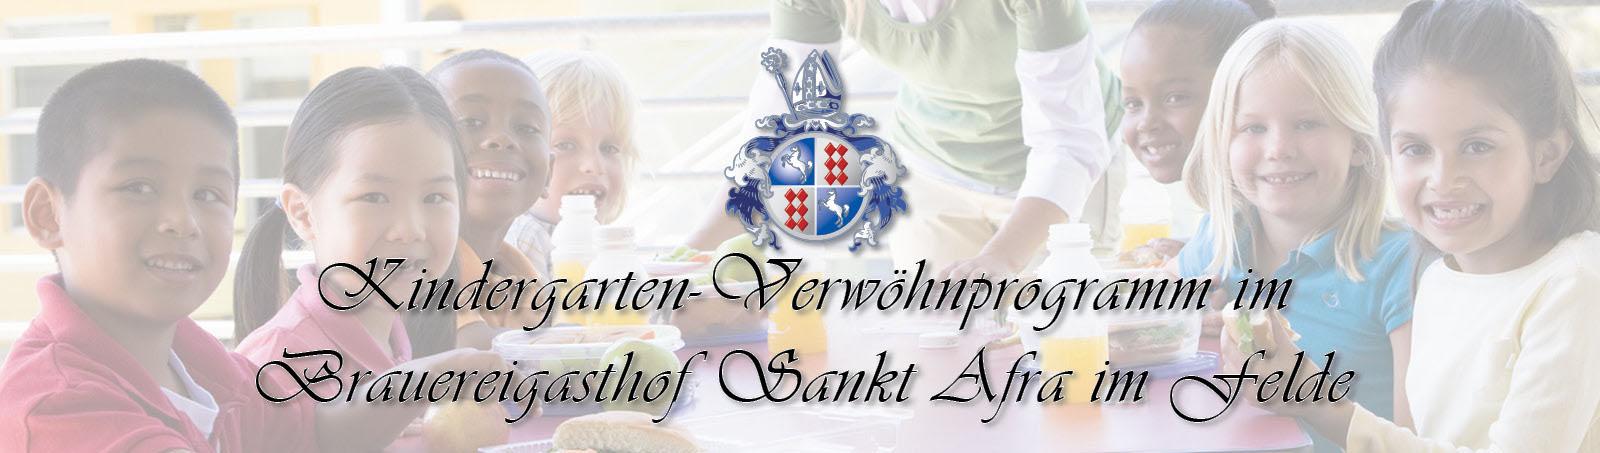 Kindergarten-Catering